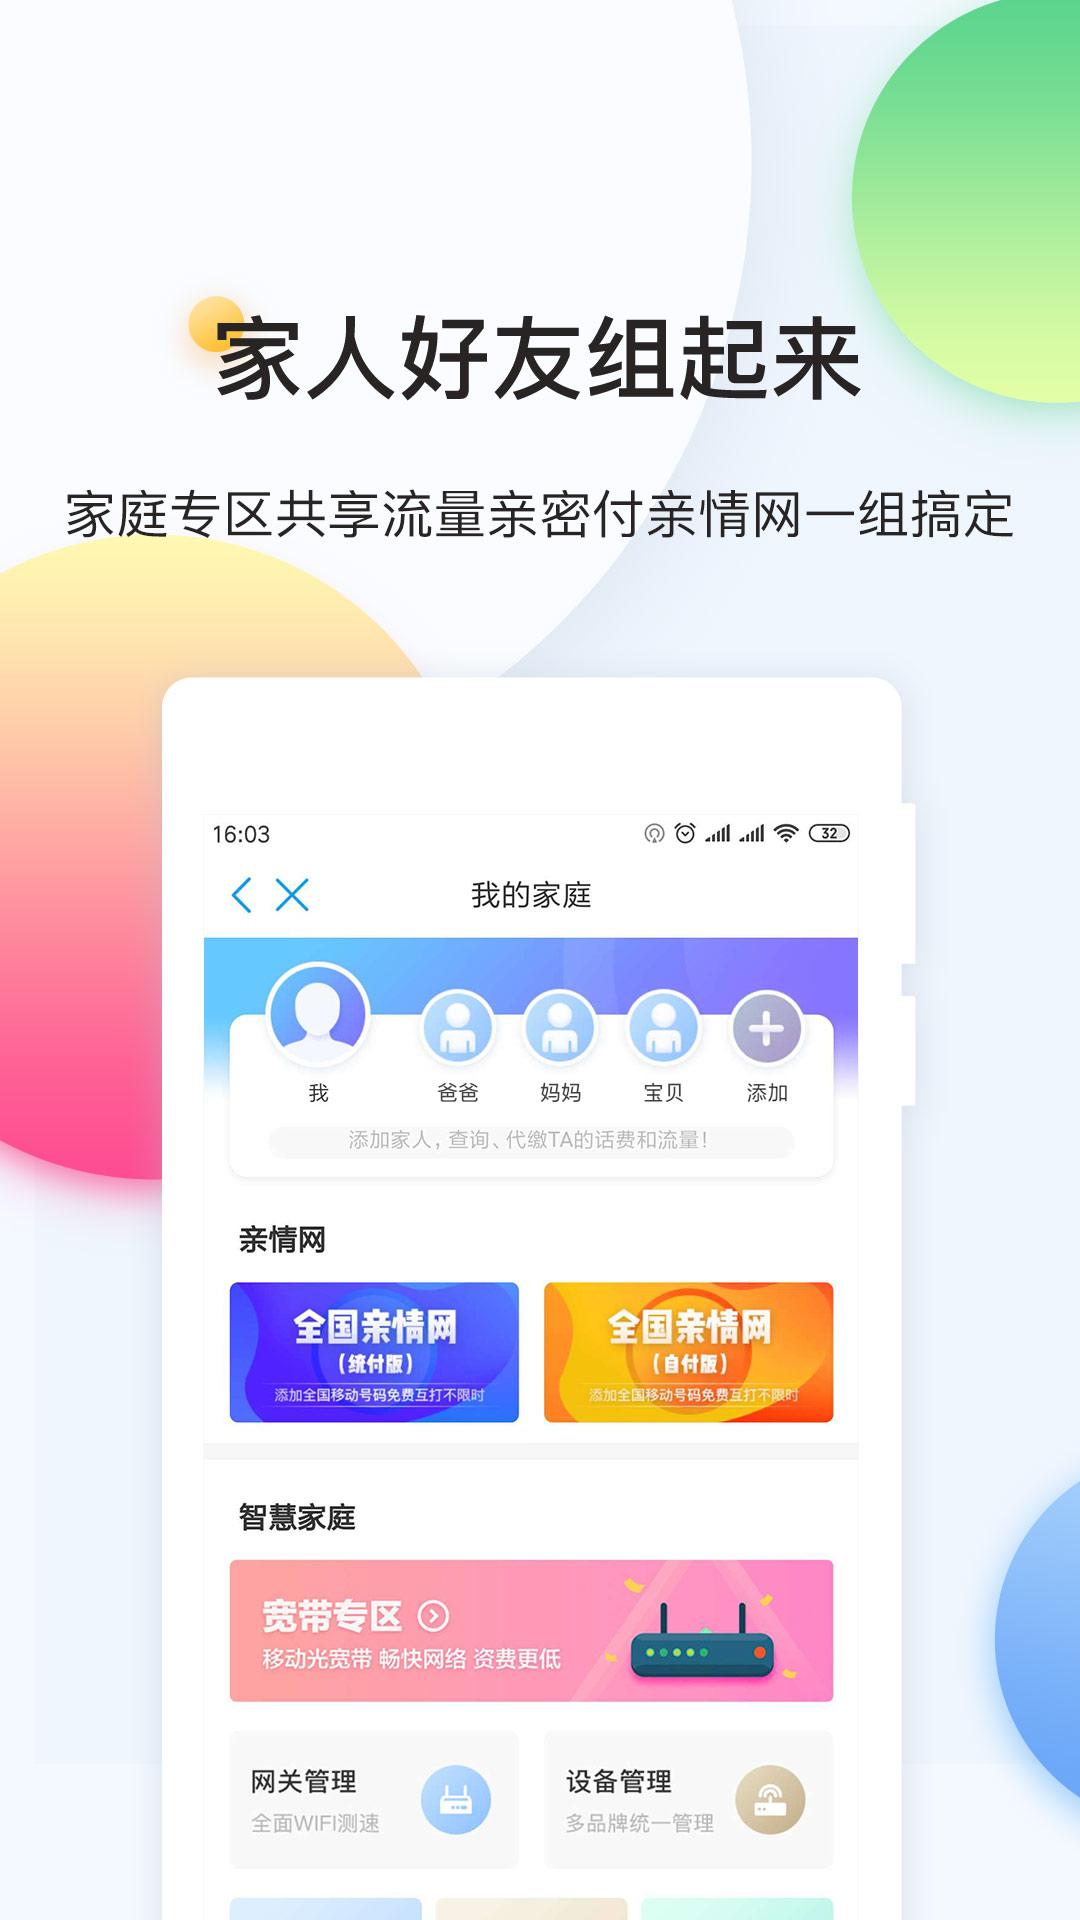 中国移动官方商城_中国移动免费下载_华为应用市场 中国移动安卓版(5.3.0)下载